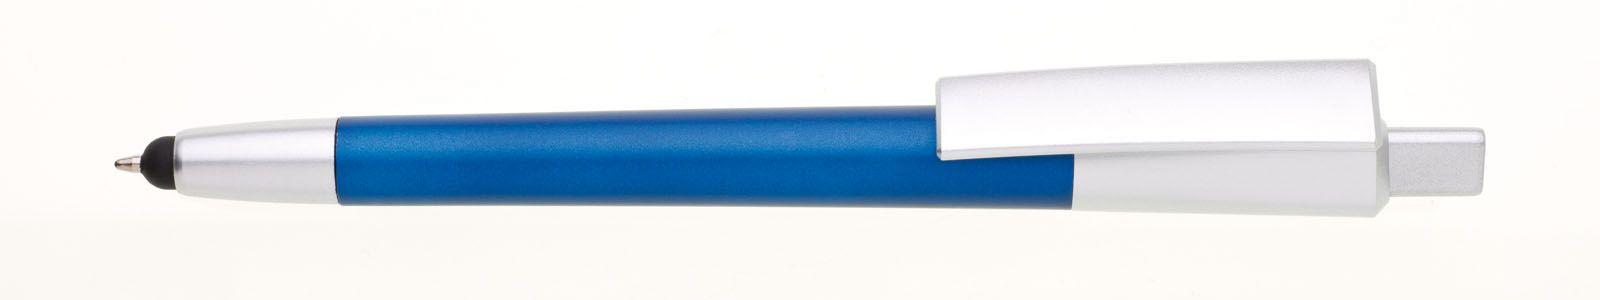 Svítící plastová propiska s vaším vygravírovaným logem.